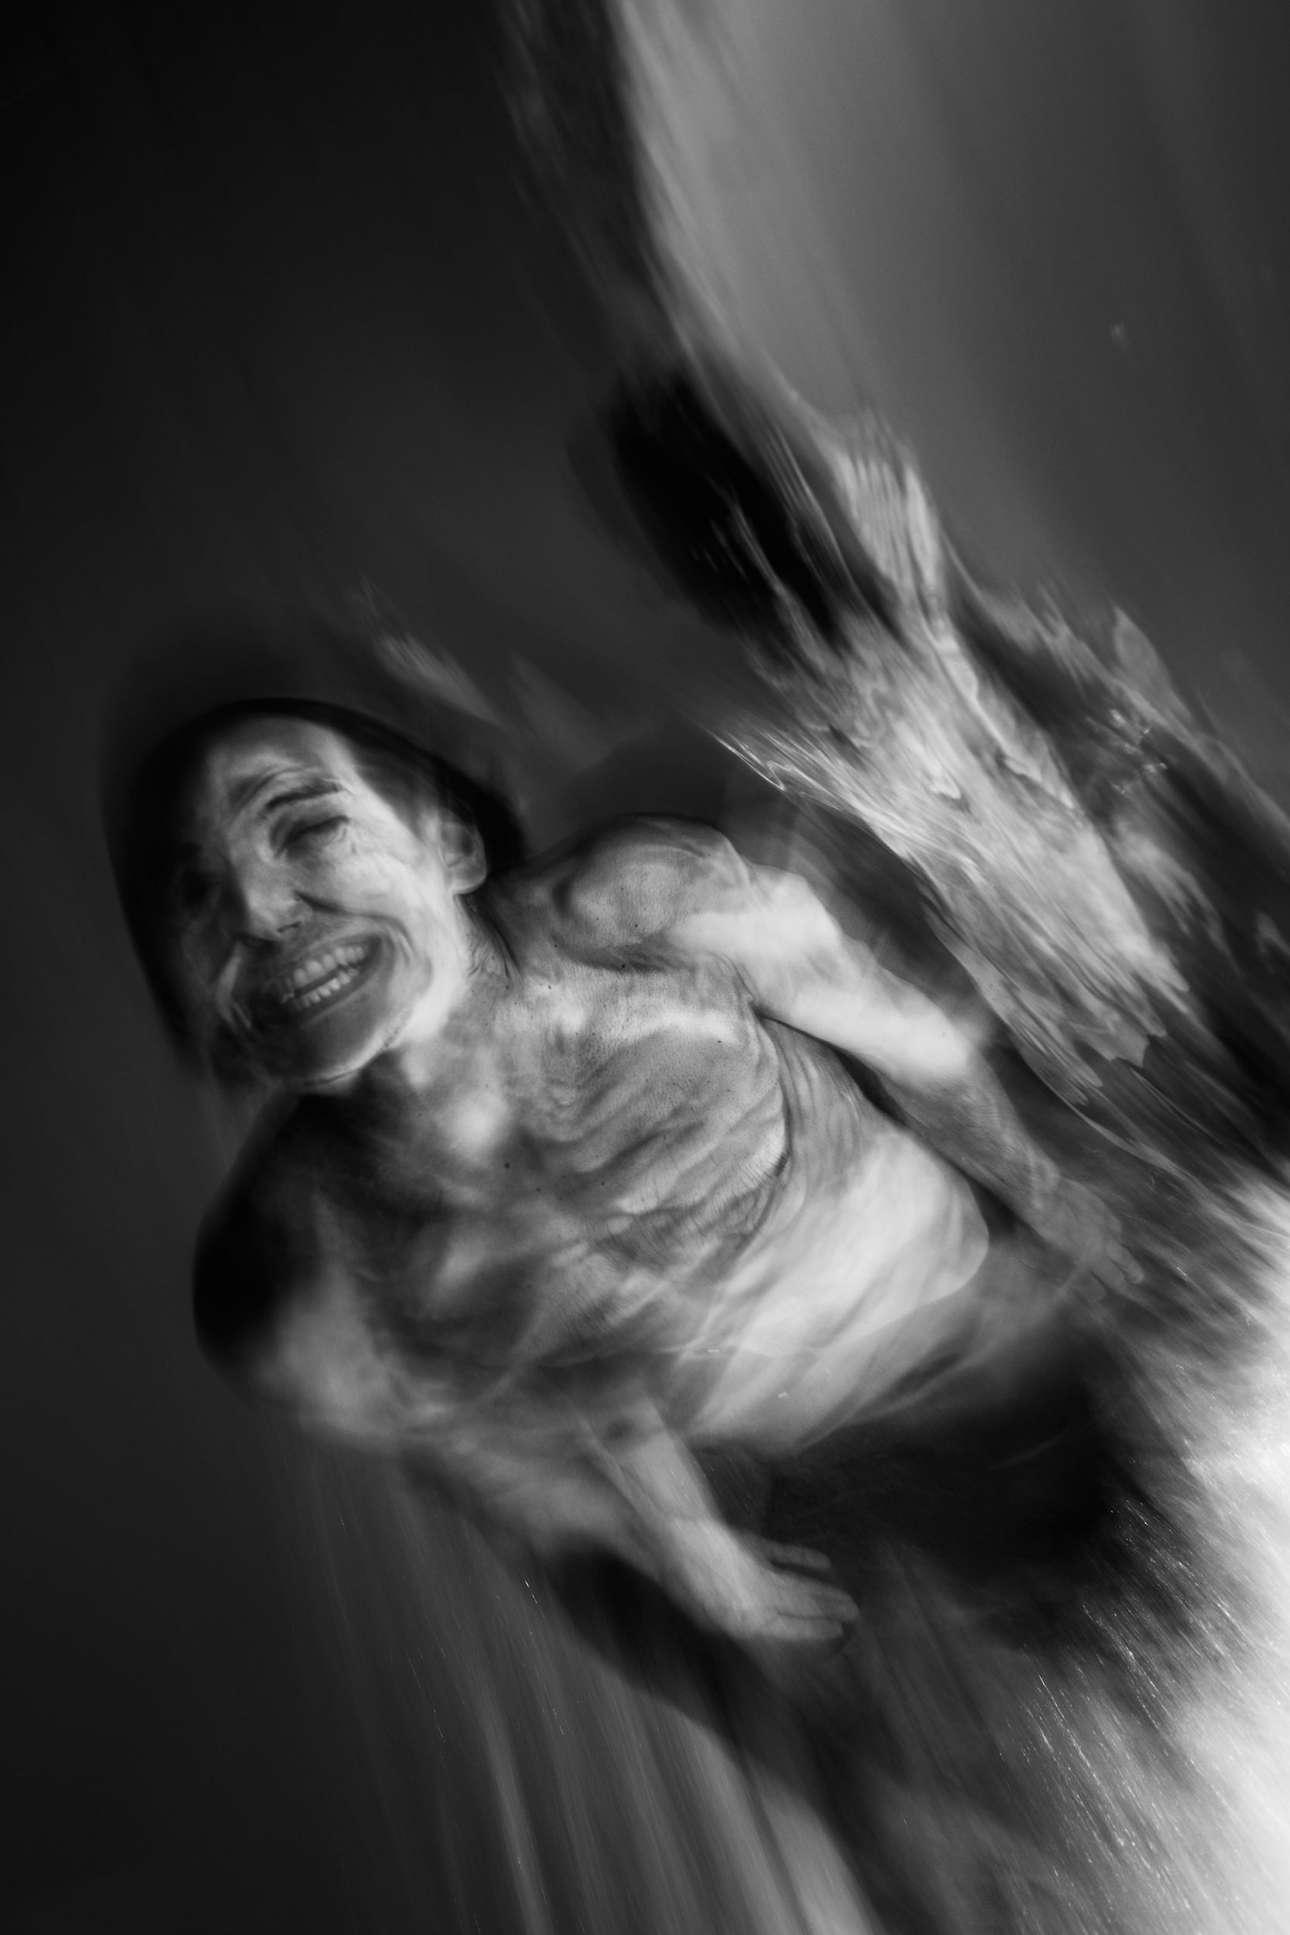 «Ενδιαφερόμουν να ερευνήσω την σύνδεση μεταξύ ανθρώπων και φύσης, μέσω της πιο αγνής μορφής του δαμασμού των κυμάτων που είναι η πρωτόγονη τέχνη του bodysurfing. Πώς νιώθει κάποιος όταν κυλάει με την τέλεια ταχύτητα, βυθισμένος μέσα στη ρευστότητα της θάλασσας;» αναρωτιέται ο φωτογράφος